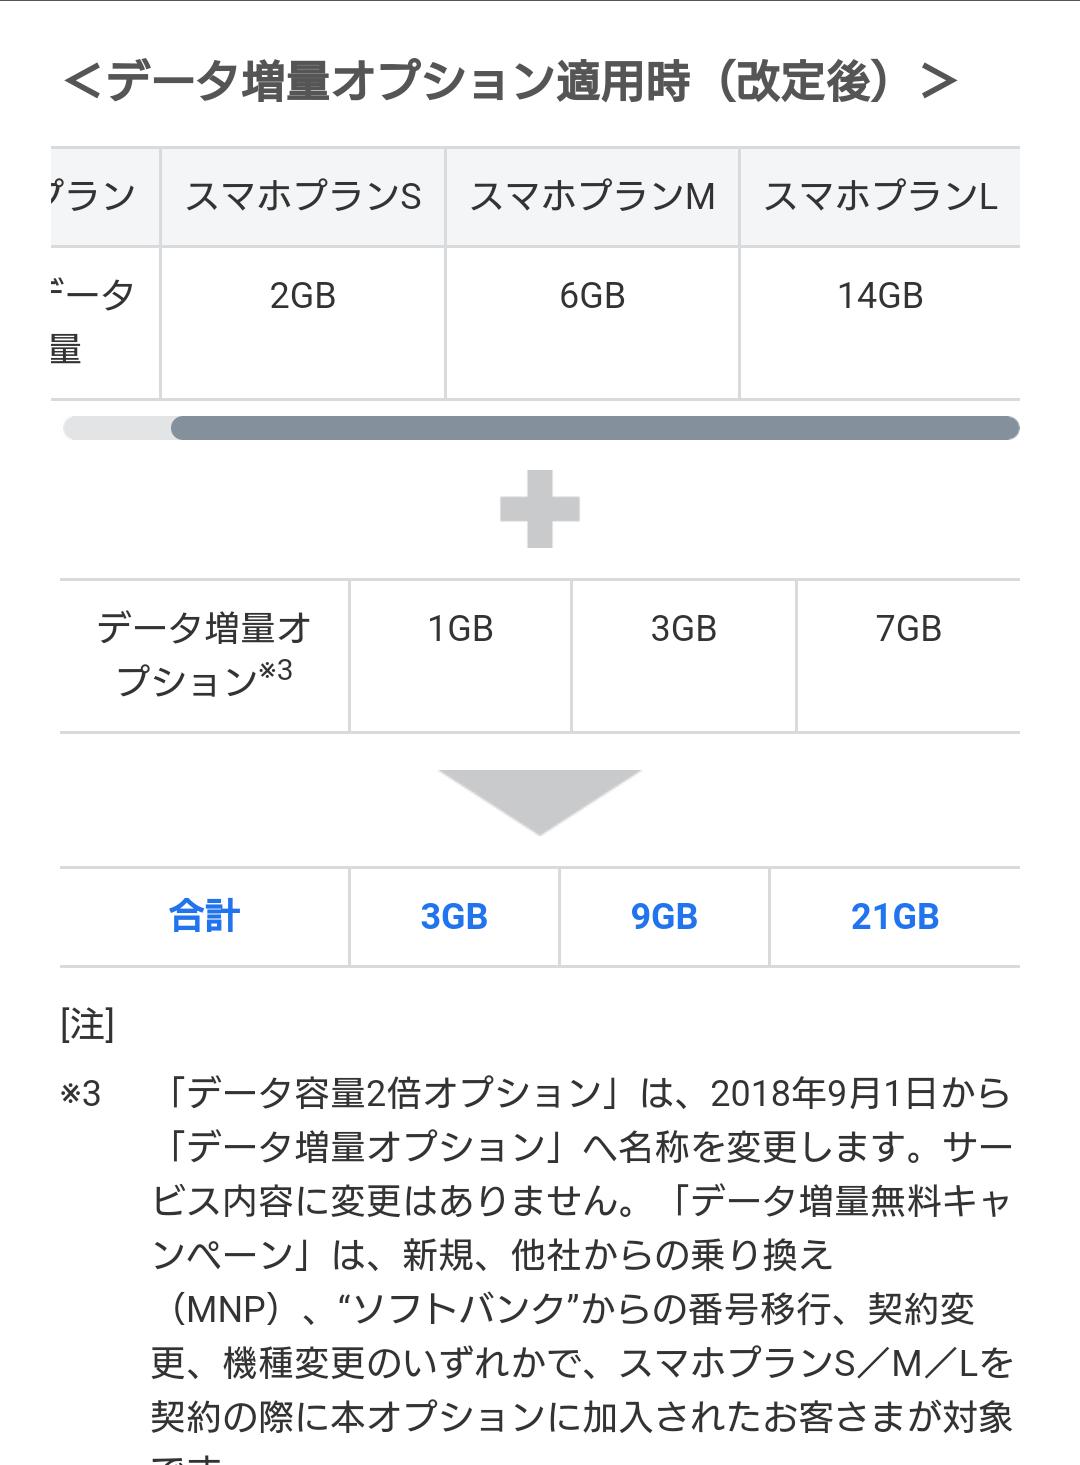 スマートフォン、○GBですか?